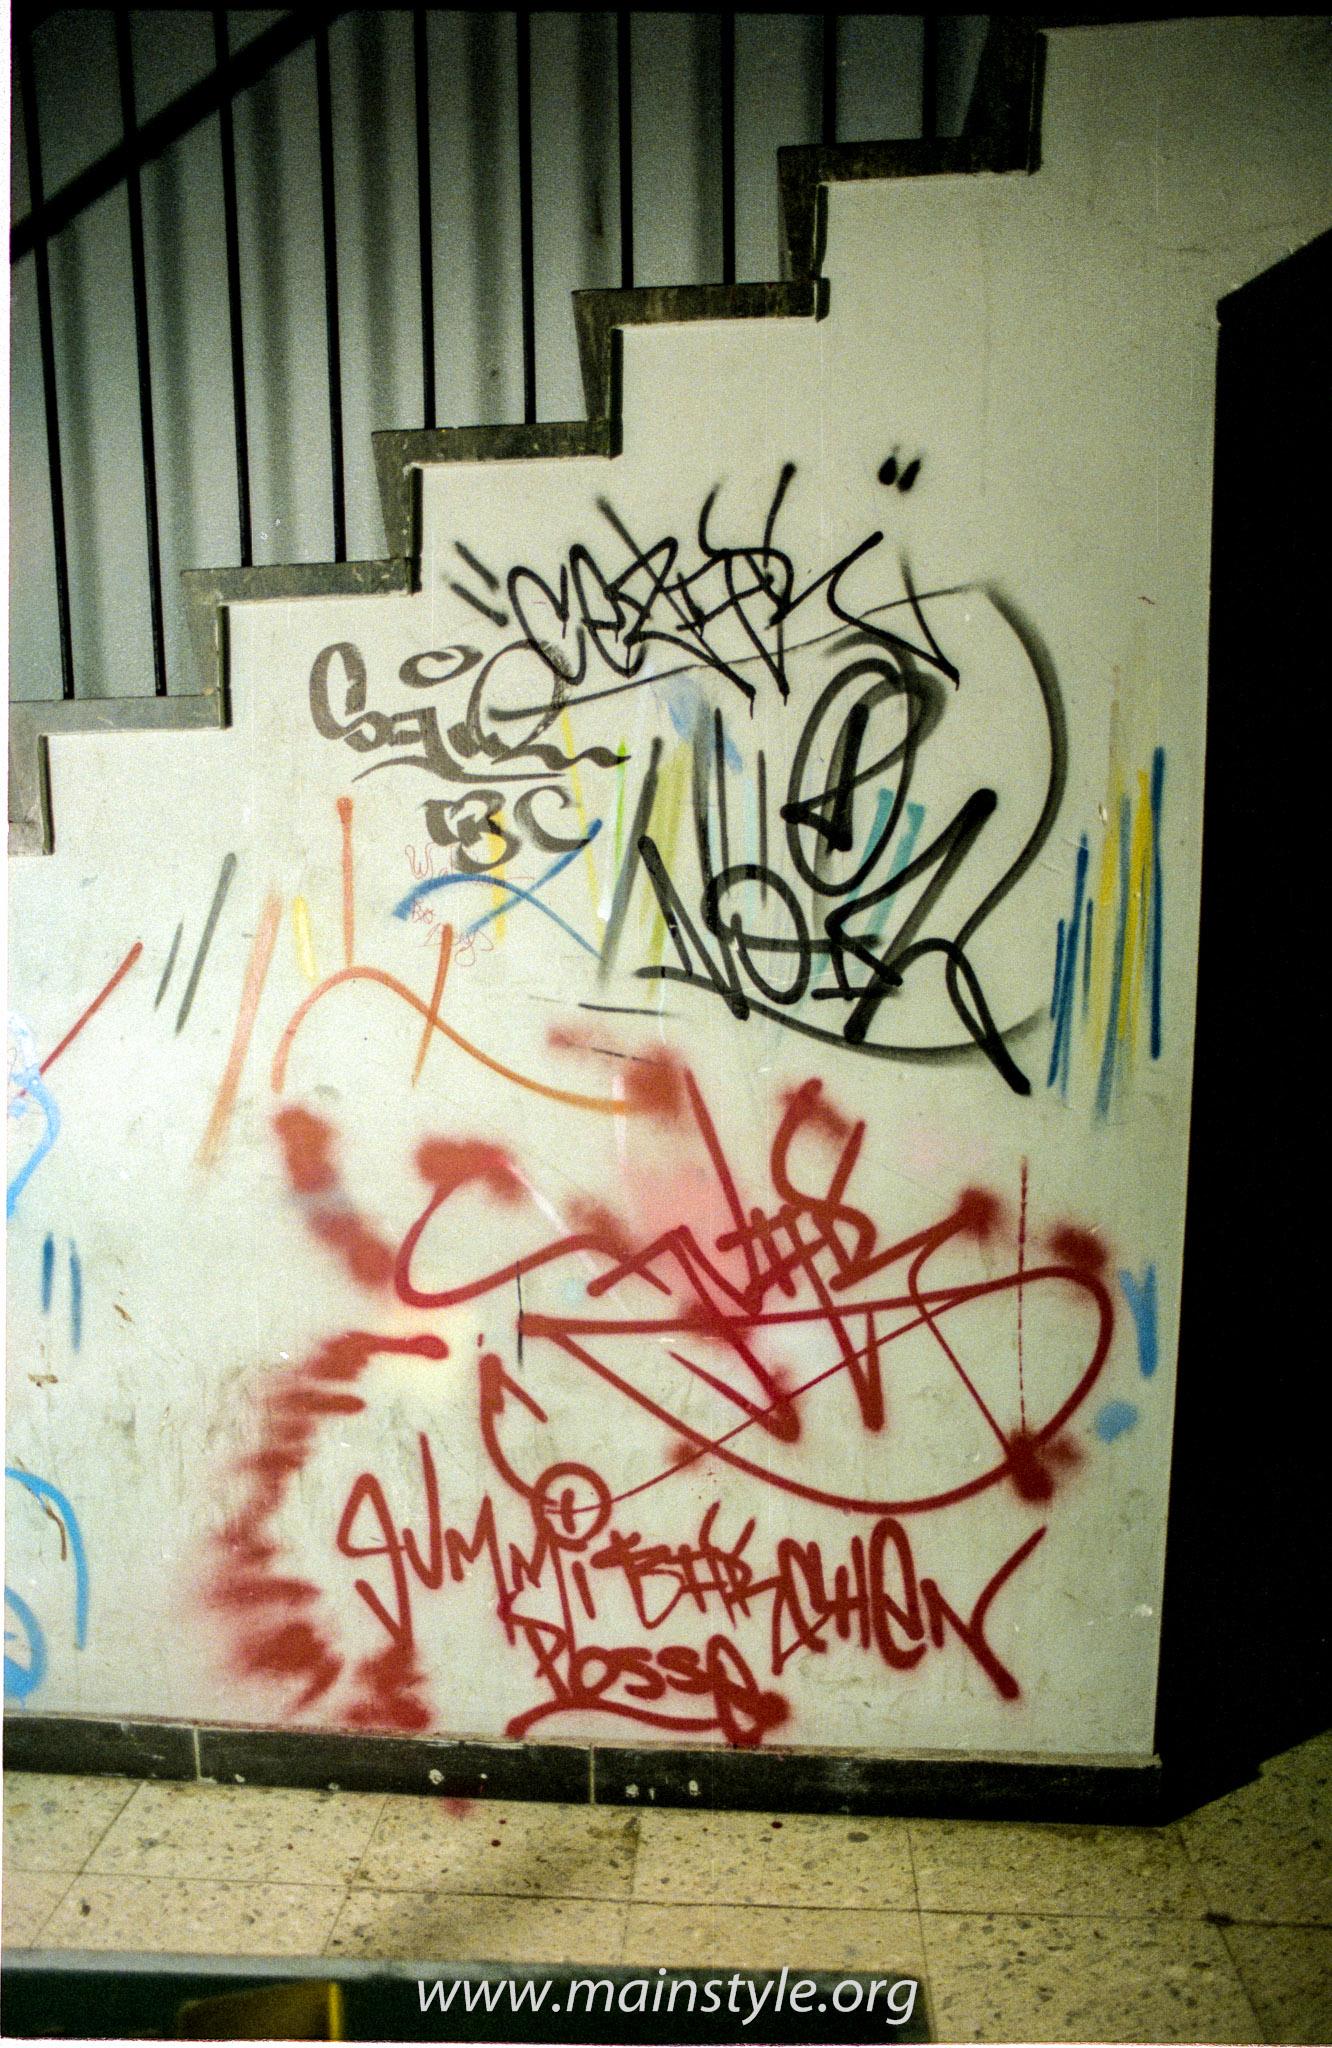 Graffiti_Frankfurt_JUZ Gallus 1989 (2 von 3)